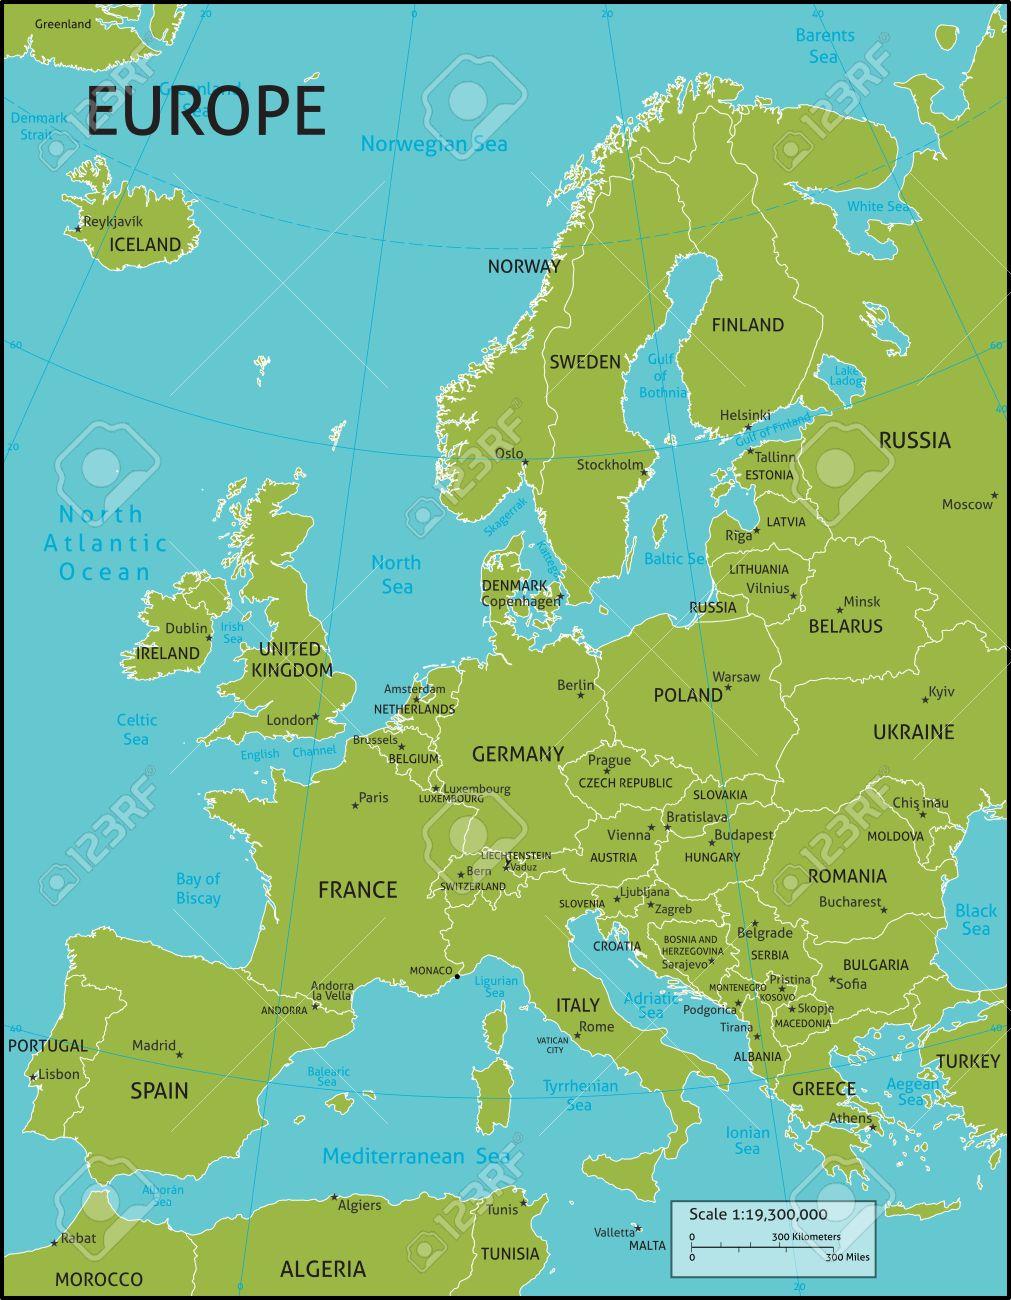 Une Carte De L'europe Avec Tous Les Noms De Pays, Et Les Capitales De Pays.  Organisé Dans La Version De Vecteur Dans Facile D'utiliser Des Couches. pour Carte De L Europe Capitales